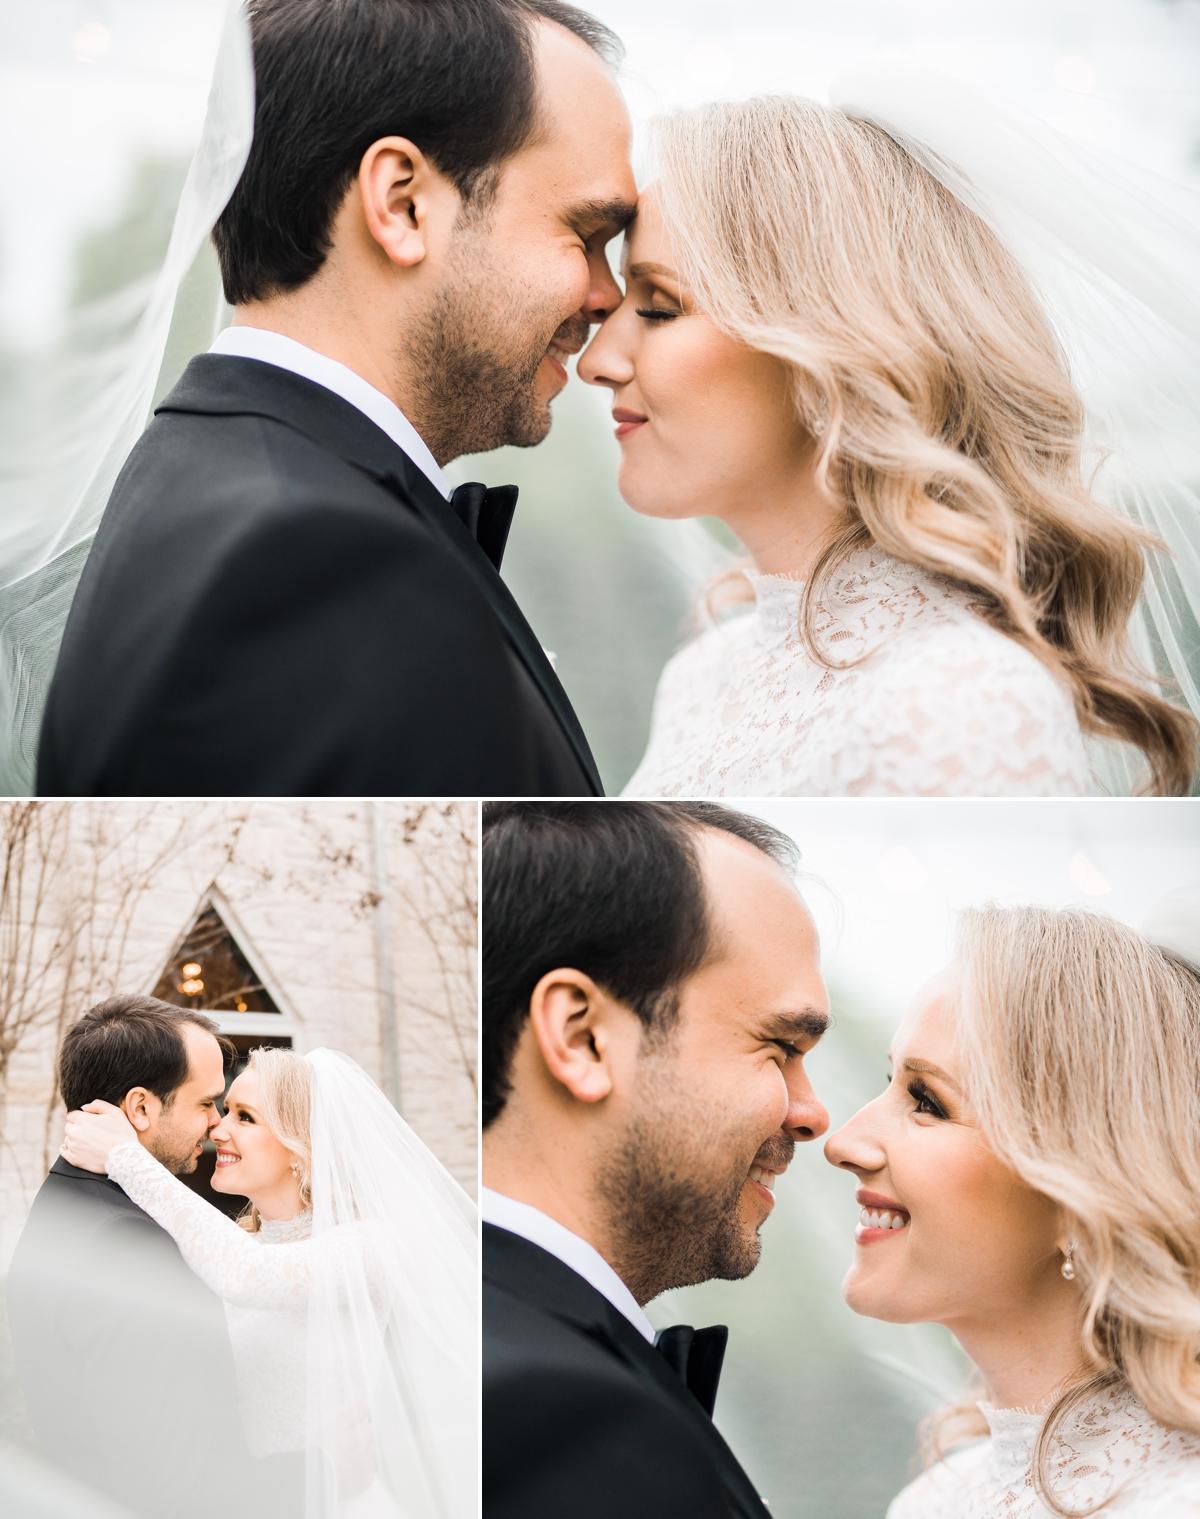 Romantic Bride and Groom Wedding Portraits at Briscoe Manor Wedding